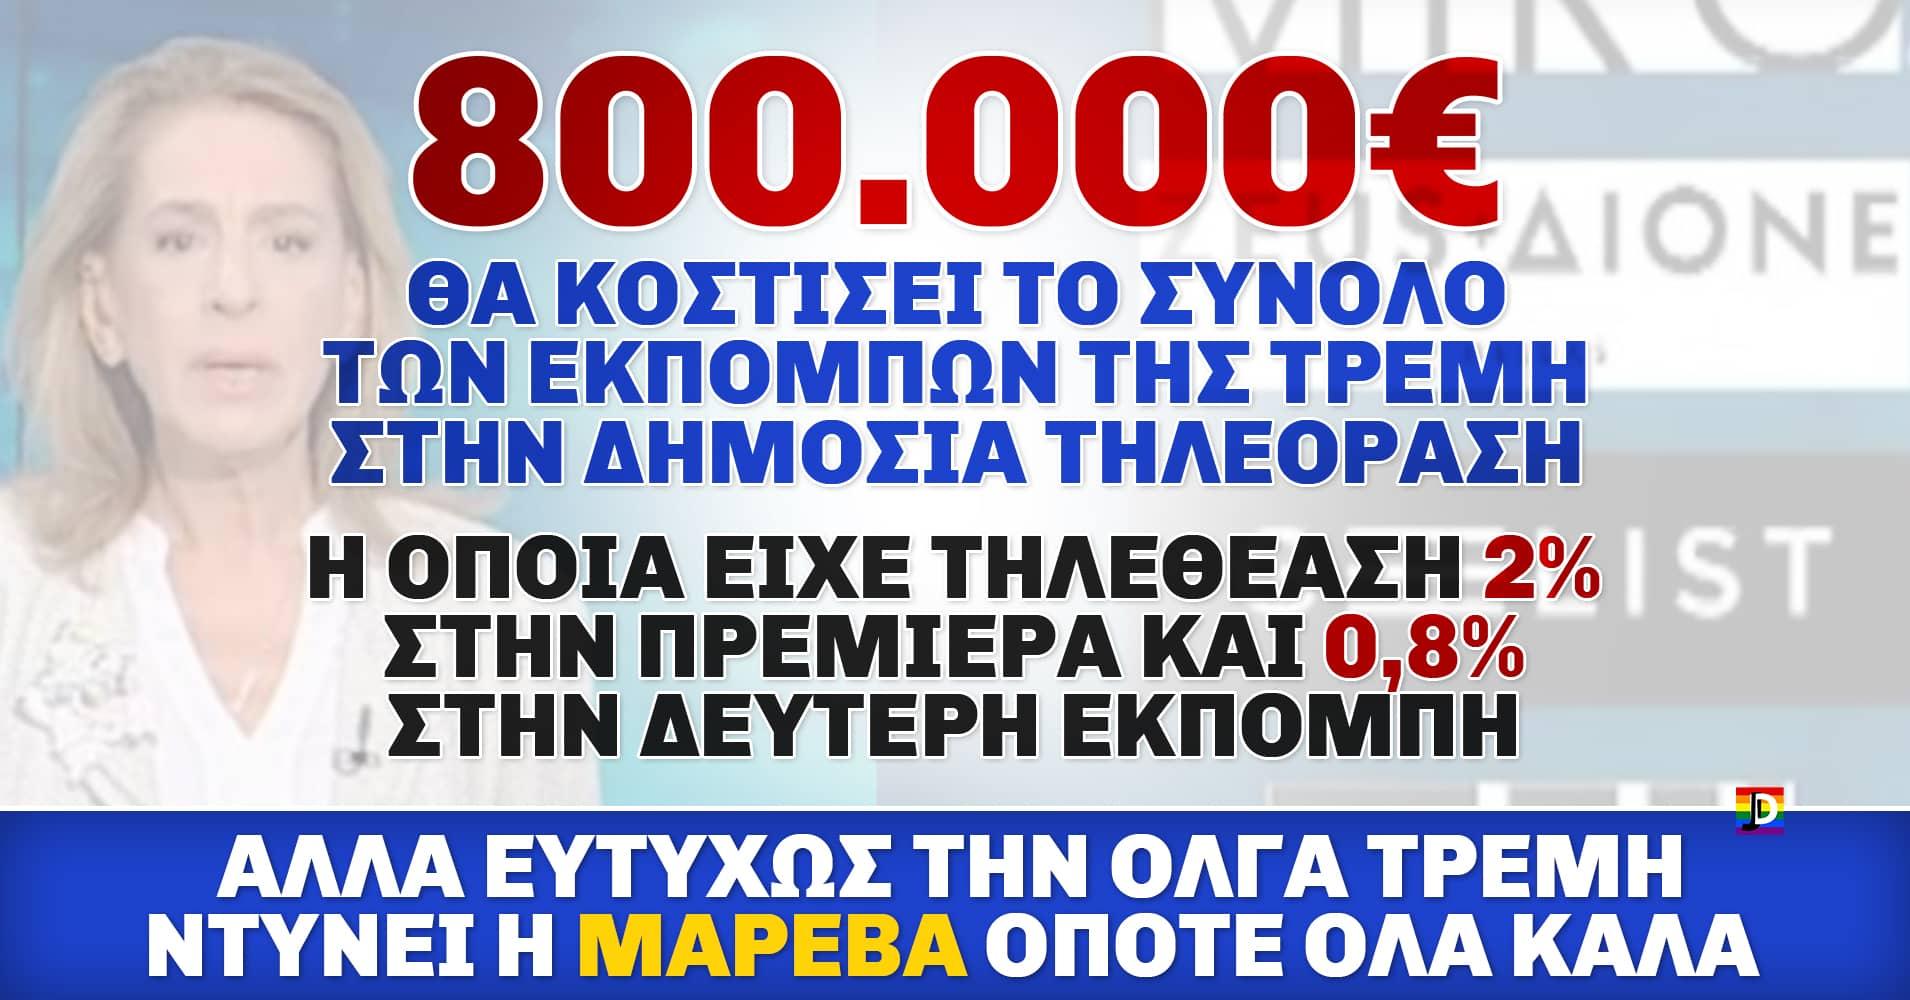 800.000 ευρώ για 0,8% τηλεθέαση;